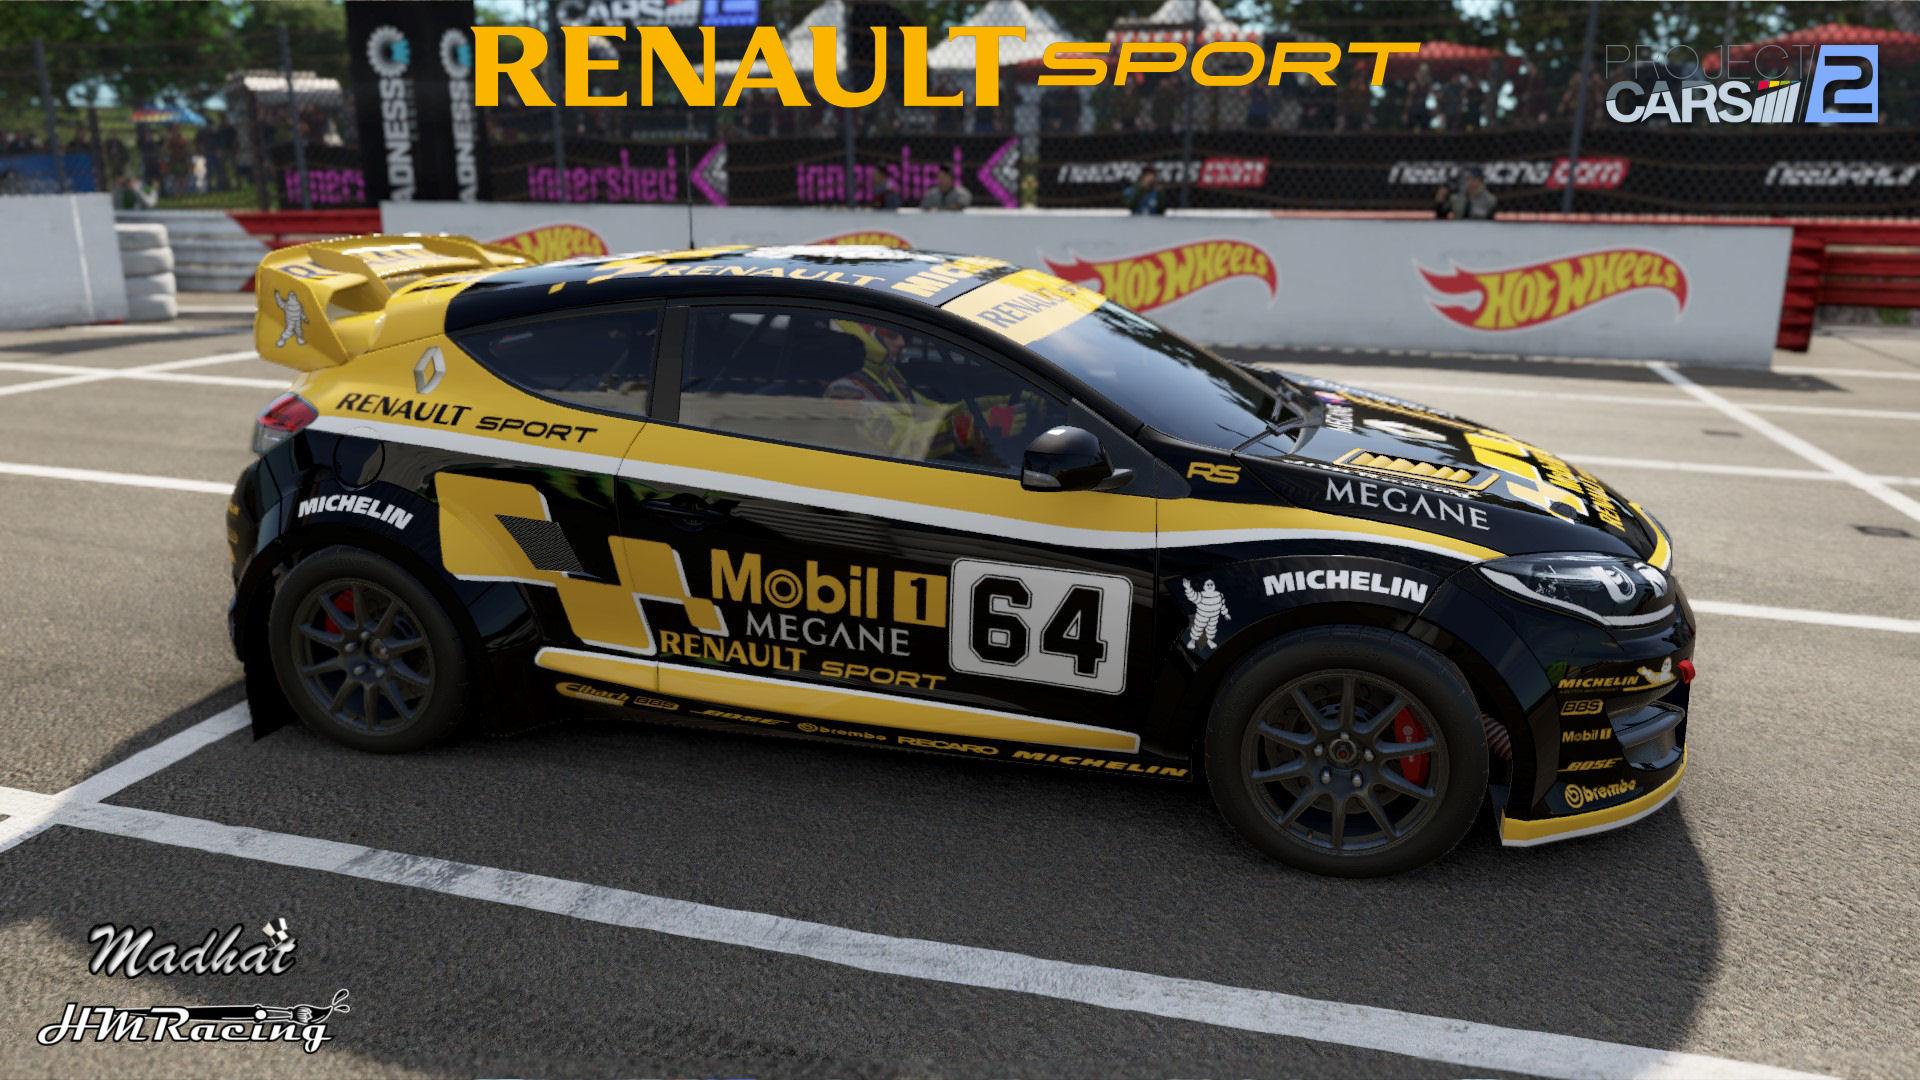 RS Renault Megane RX 04.jpg